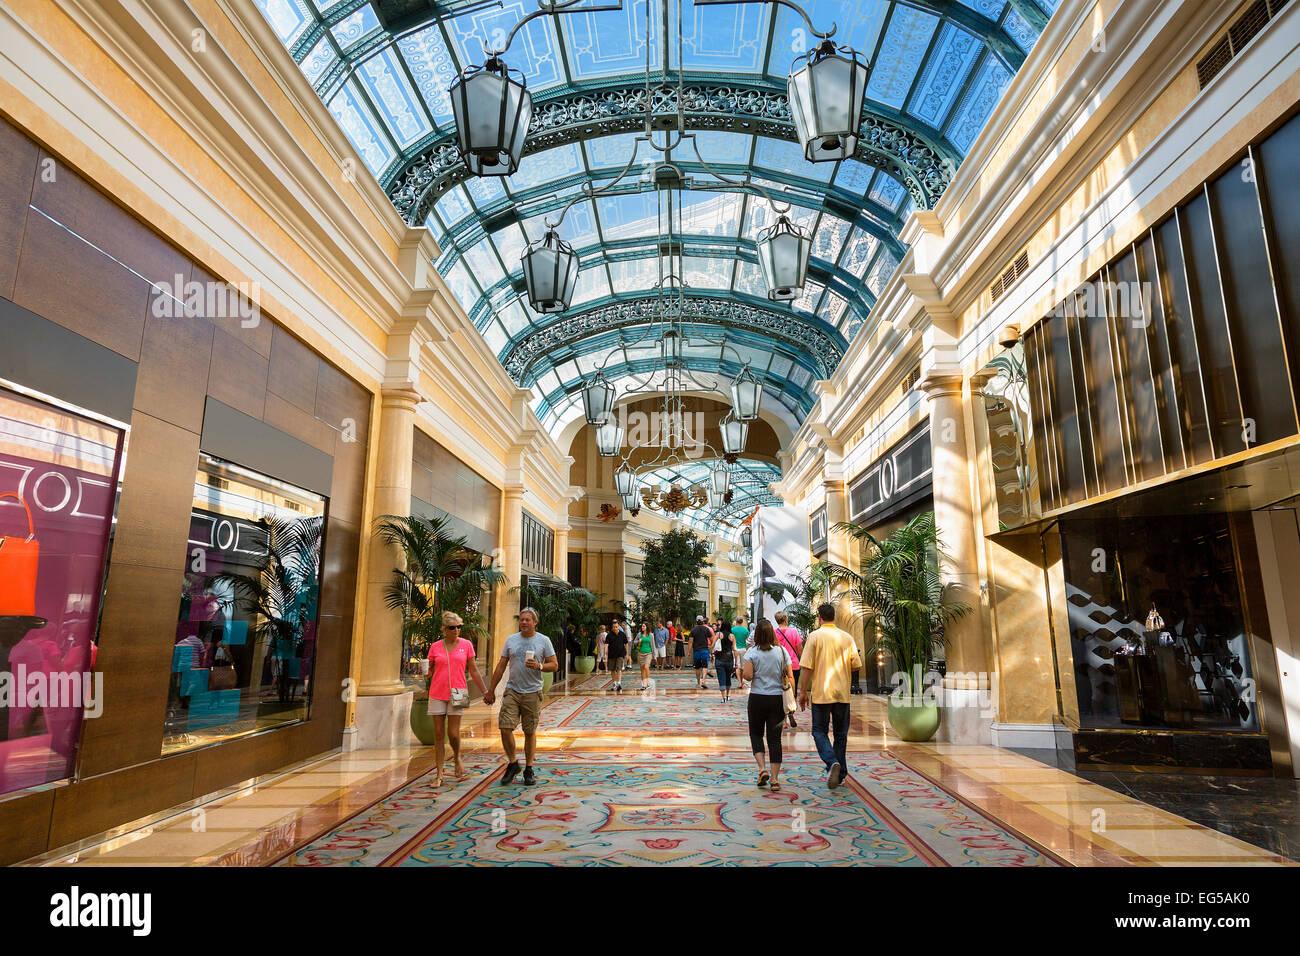 The Fashion Mall Las Vegas Strip